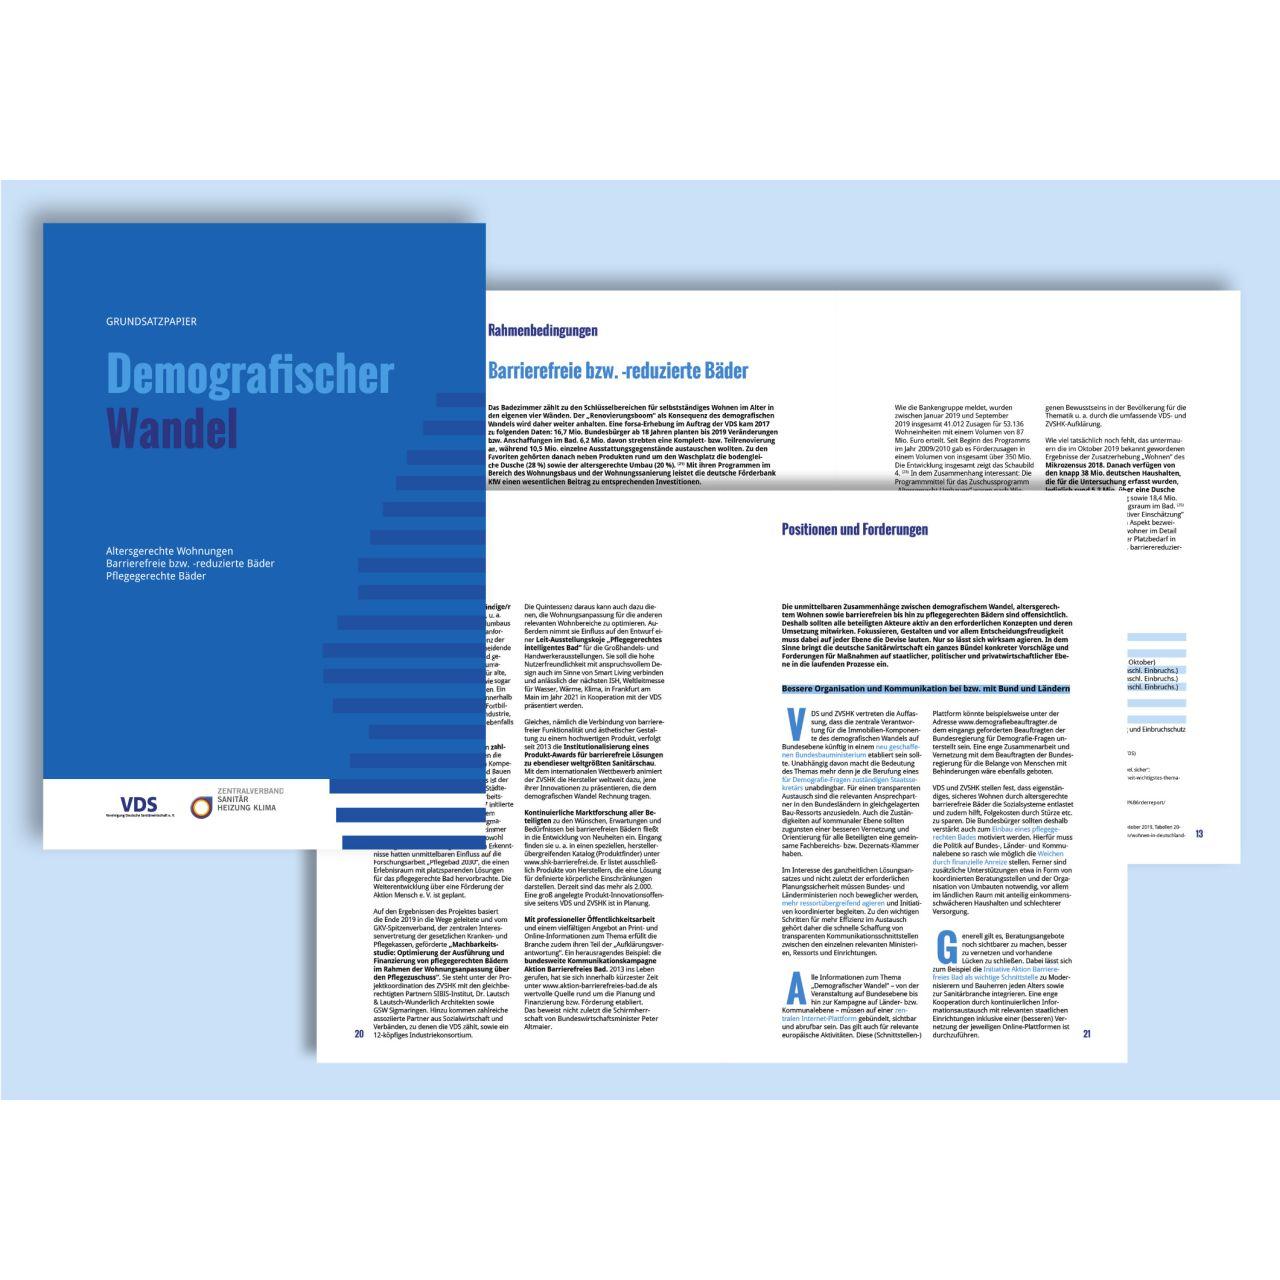 Neues Grundsatzpapier zum Demografischen Wandel